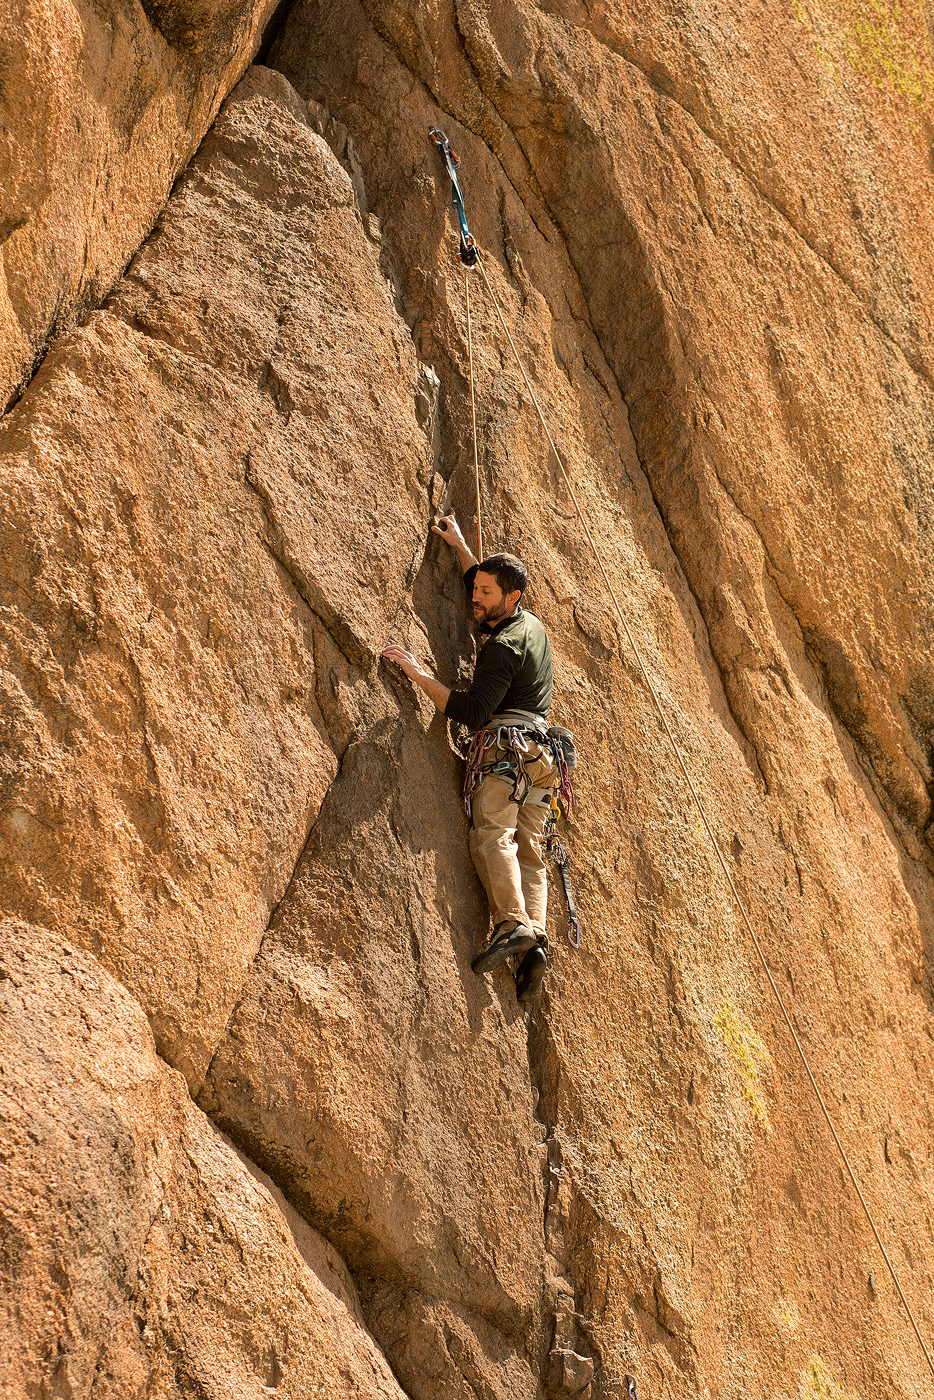 Mike rock climbing at Terelj National Park